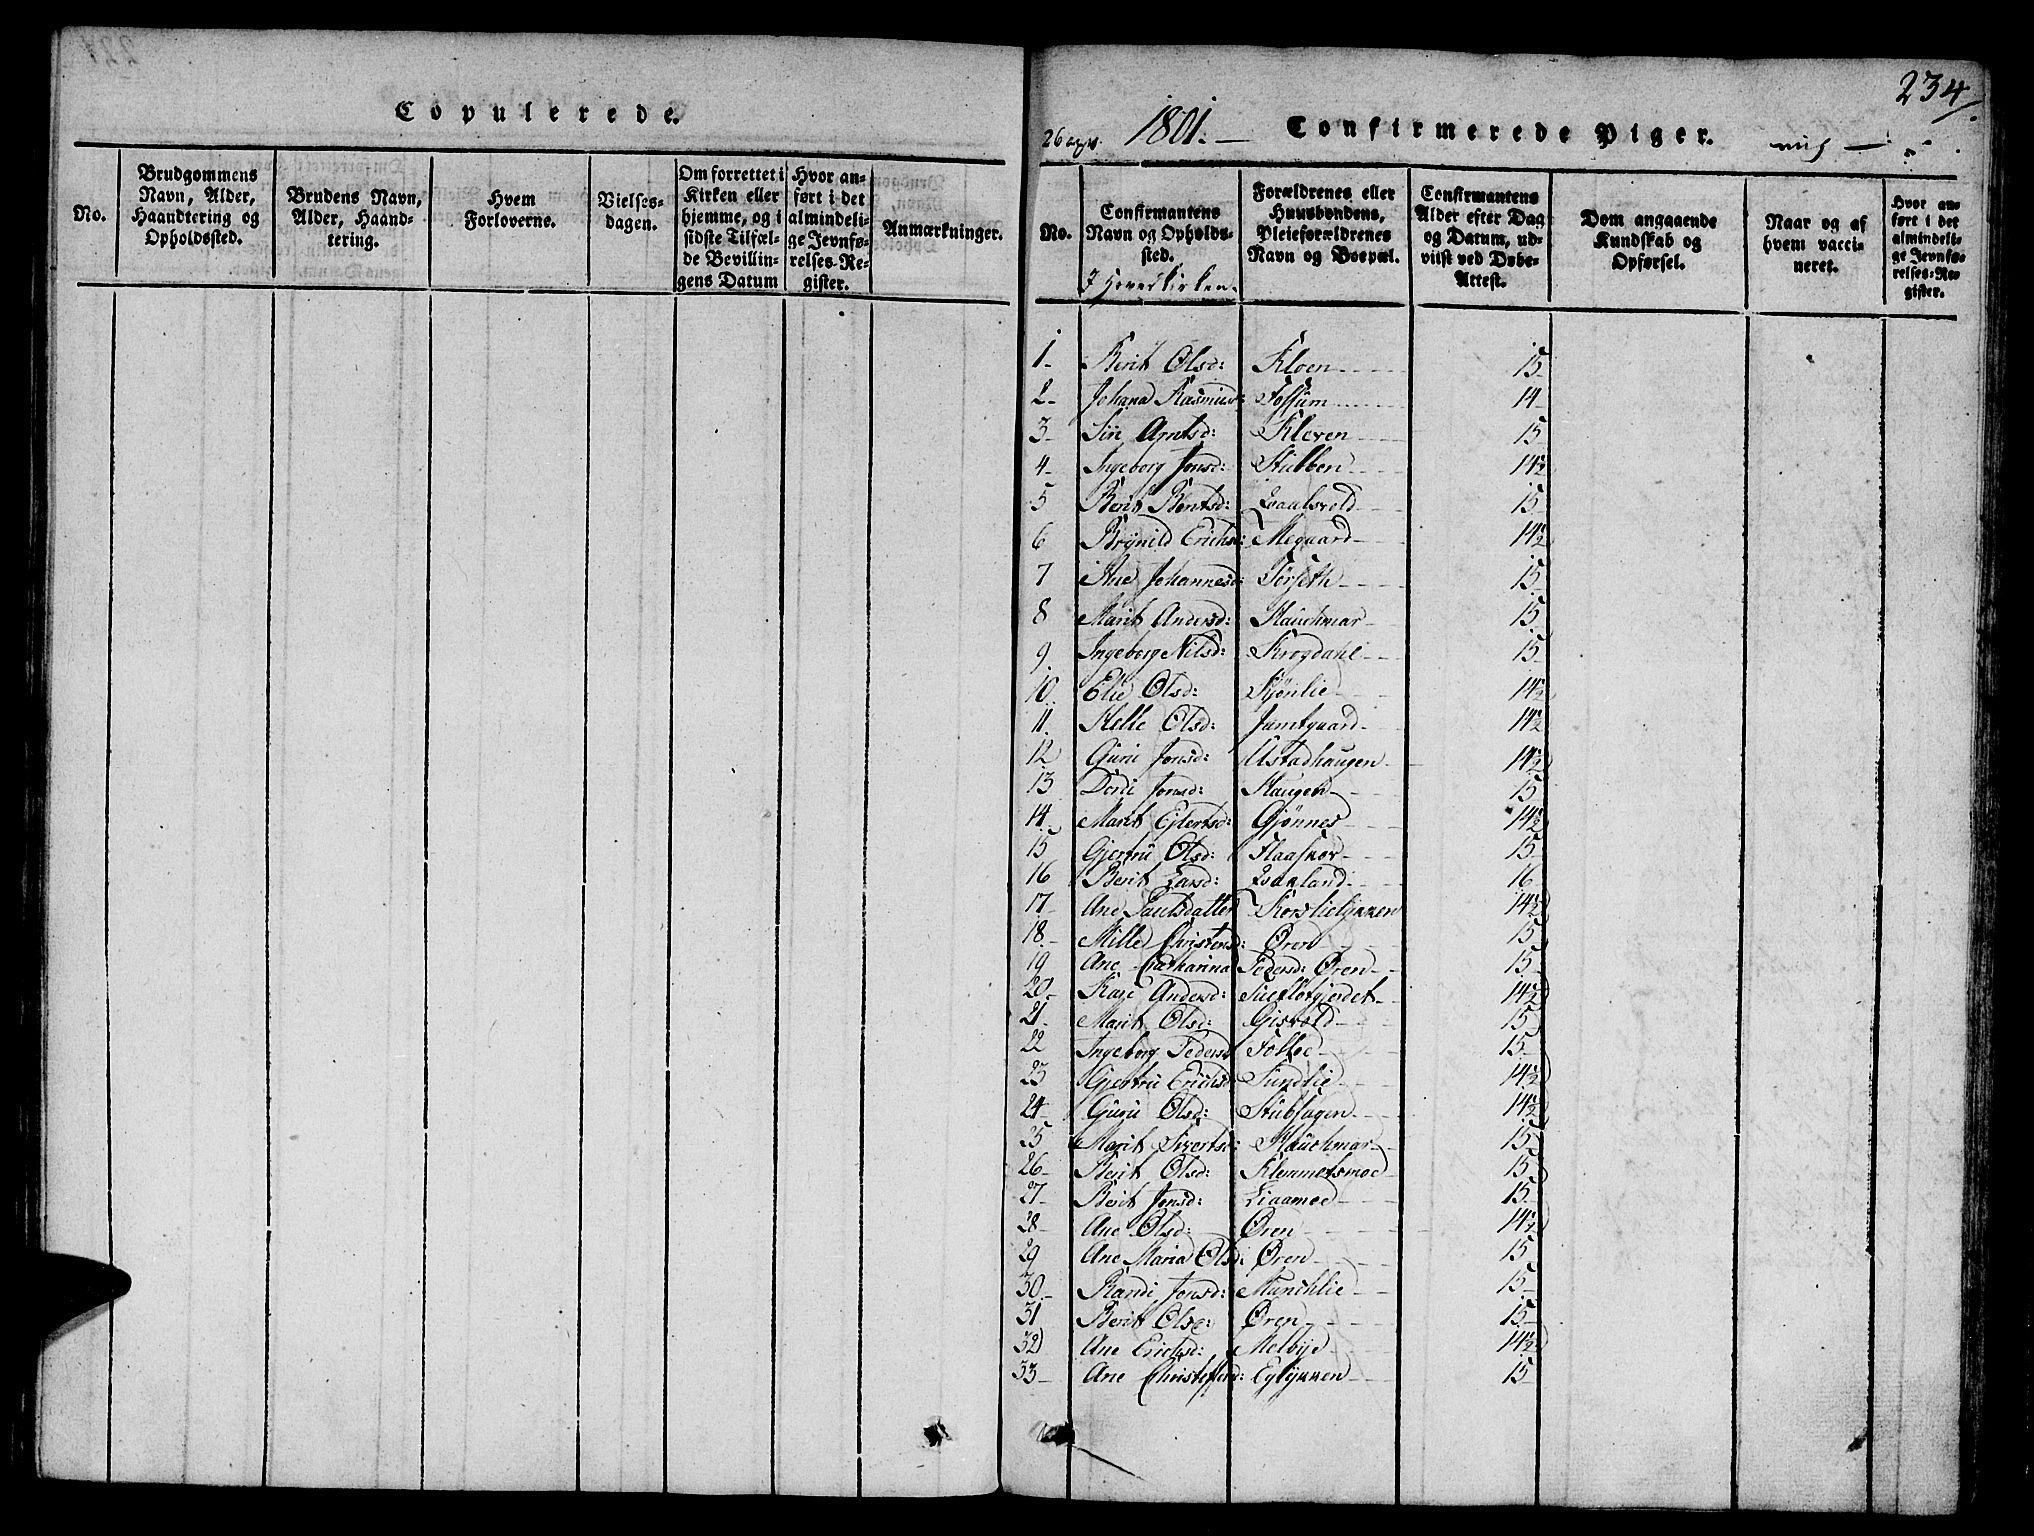 SAT, Ministerialprotokoller, klokkerbøker og fødselsregistre - Sør-Trøndelag, 668/L0803: Ministerialbok nr. 668A03, 1800-1826, s. 234